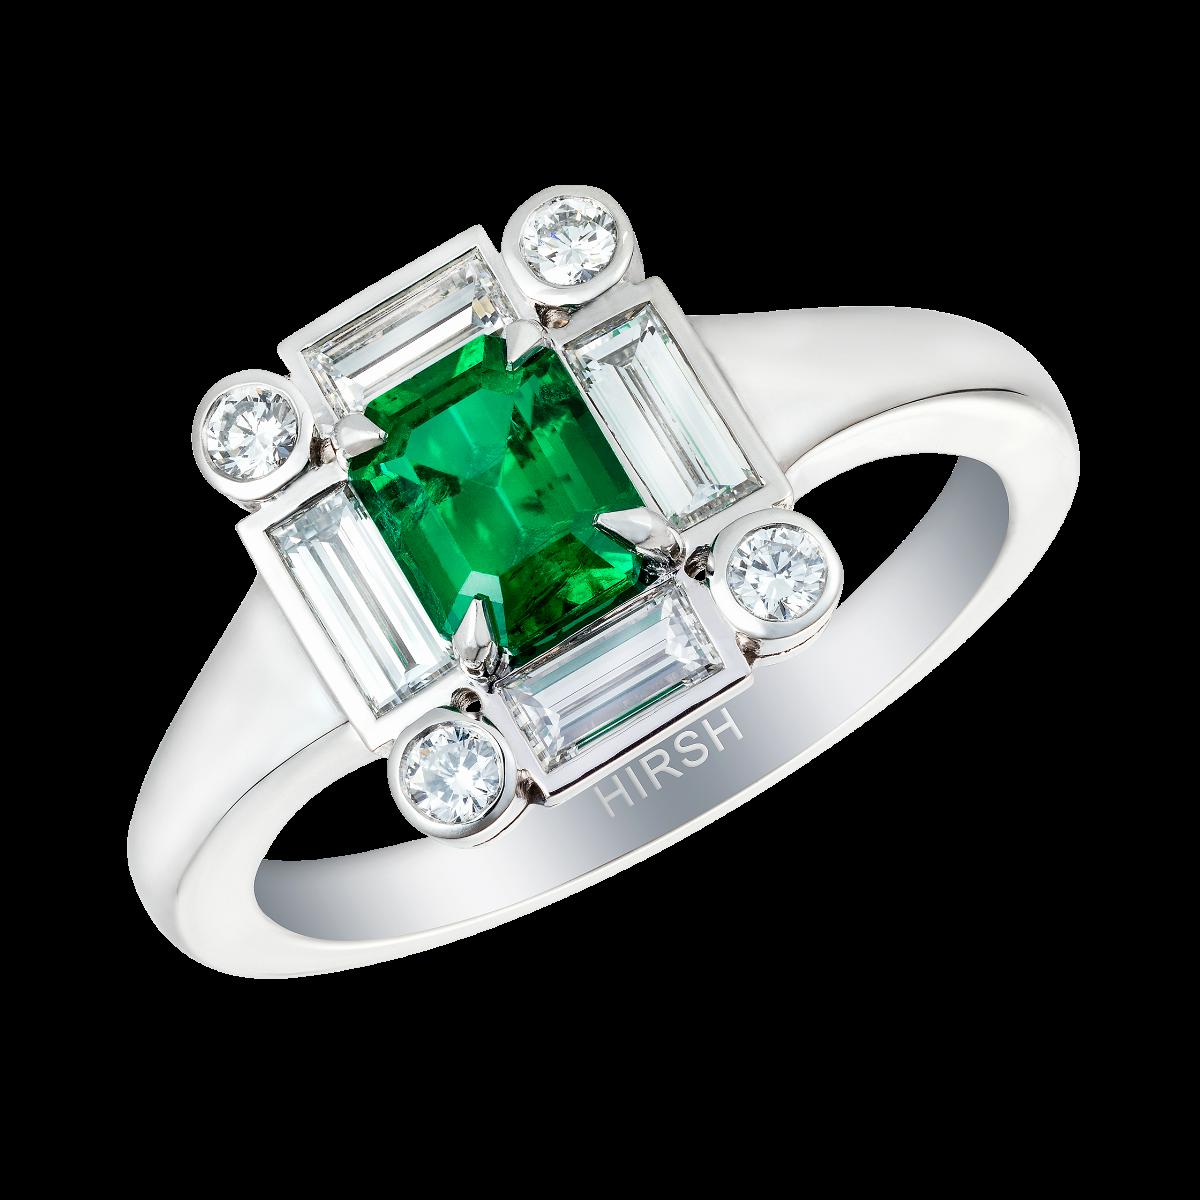 Asscher Cut and Pink Diamond Ring